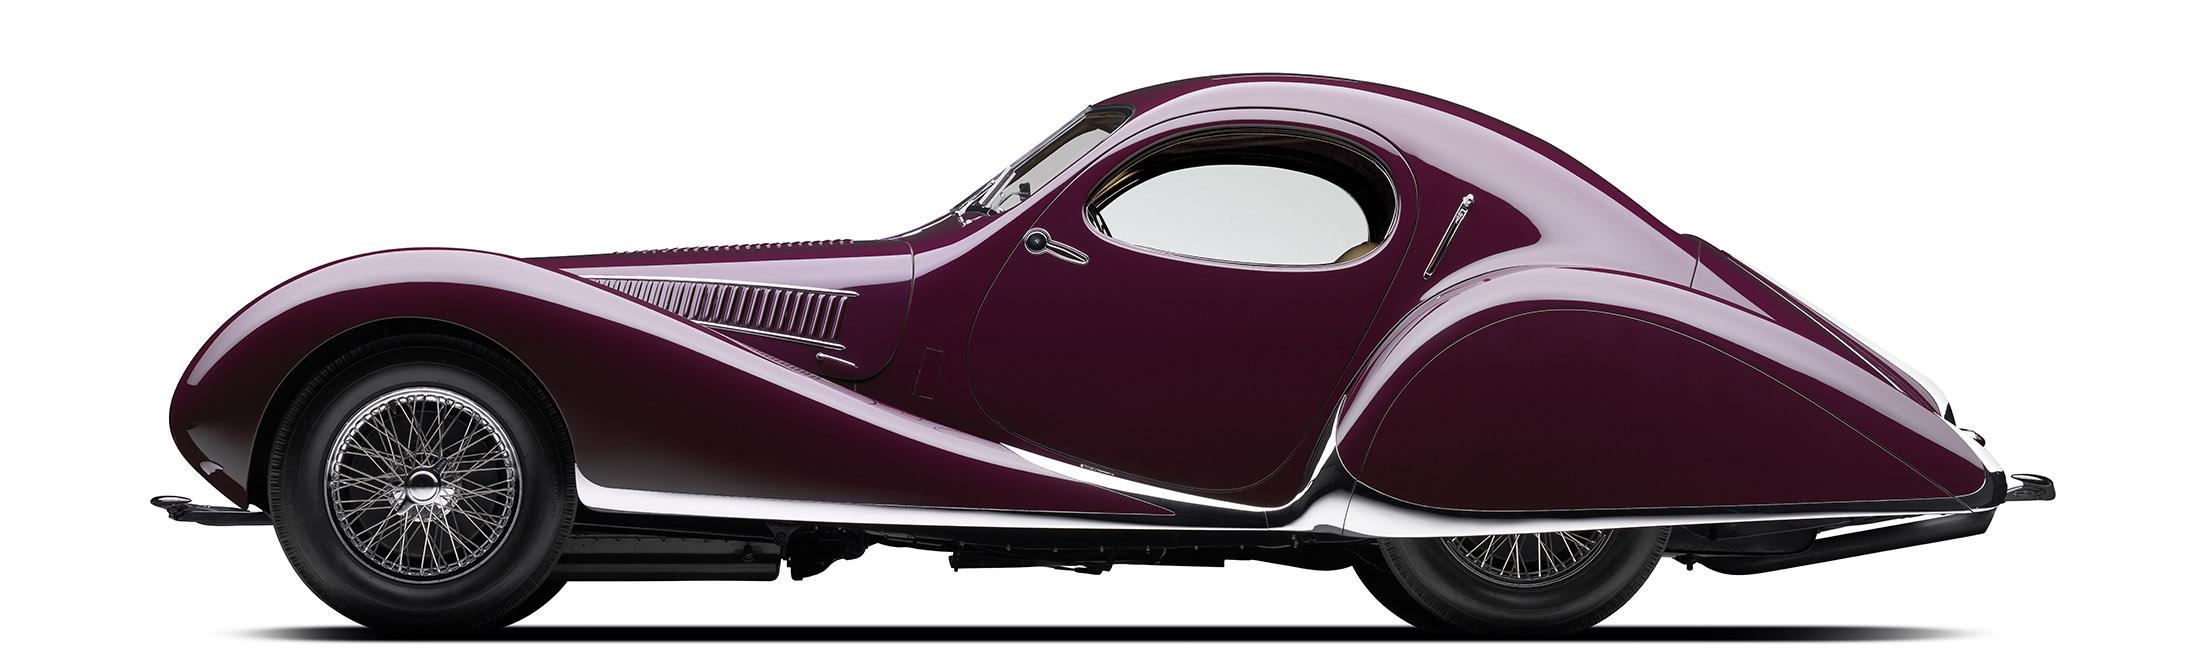 Best of the Best Award Winner: Peter Mullin\'s 1937 Talbot Lago ...